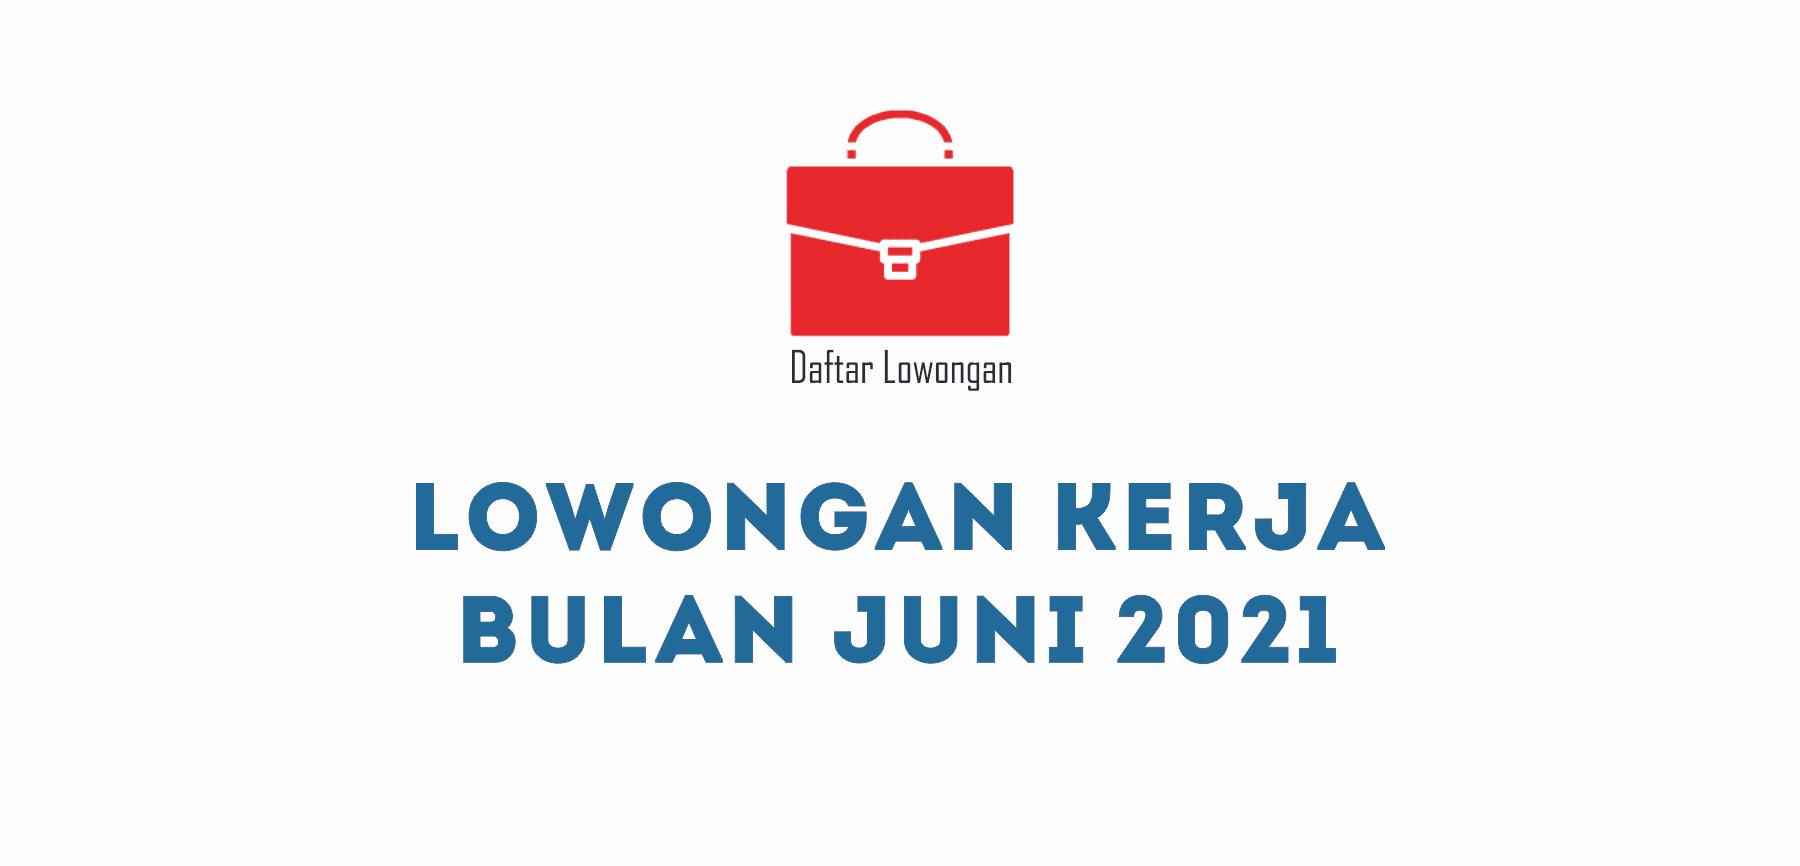 Daftar Lowongan Pekerjaan Terbaru Juni 2021